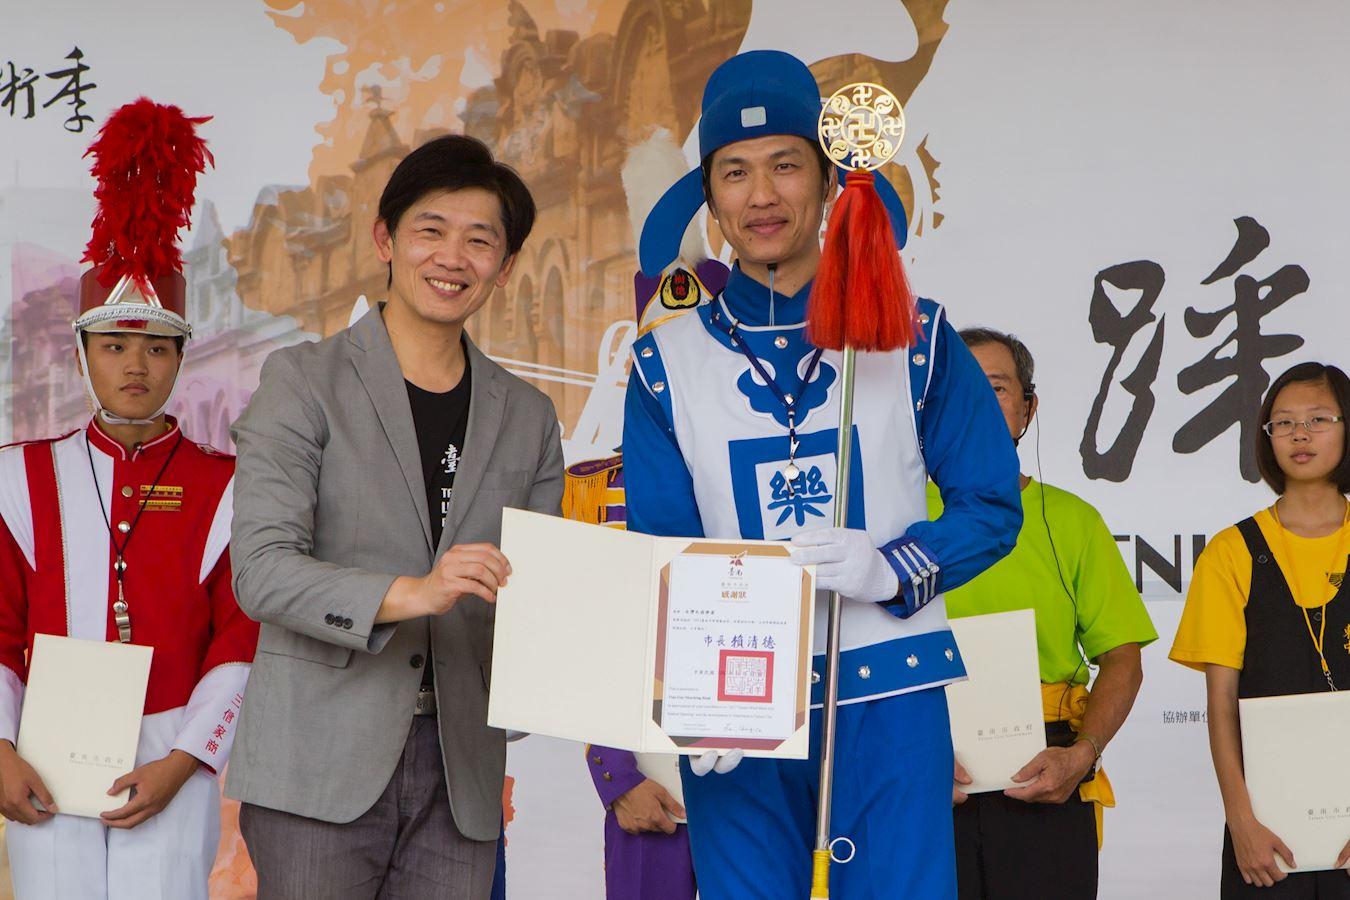 台南市文化局長葉澤山說:「感謝參加的樂團為提升台南的音樂文化、活絡地方藝文發展所作貢獻。」並頒感謝狀給法輪大法天國樂團。(明慧網)